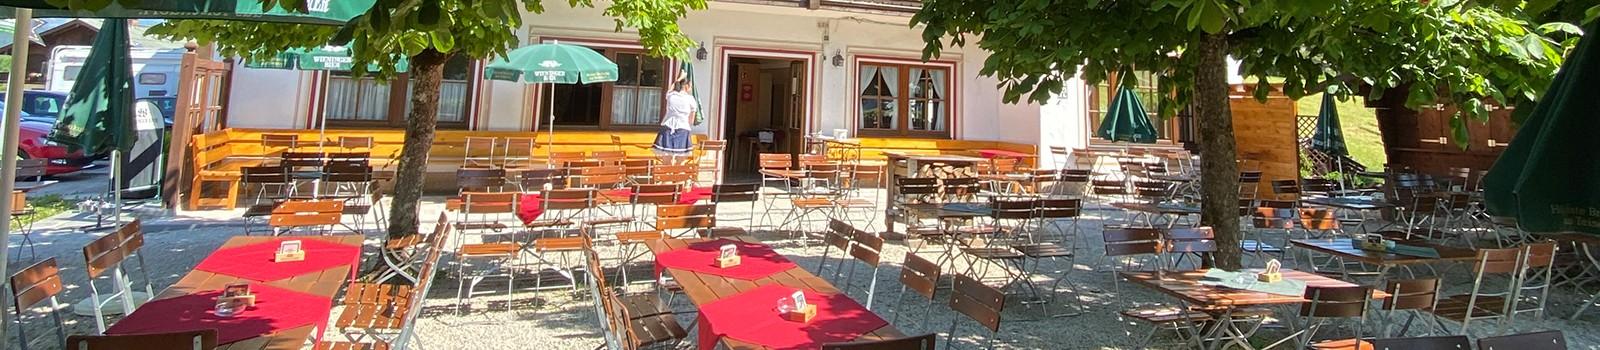 Biergarten in Schönau am Königssee